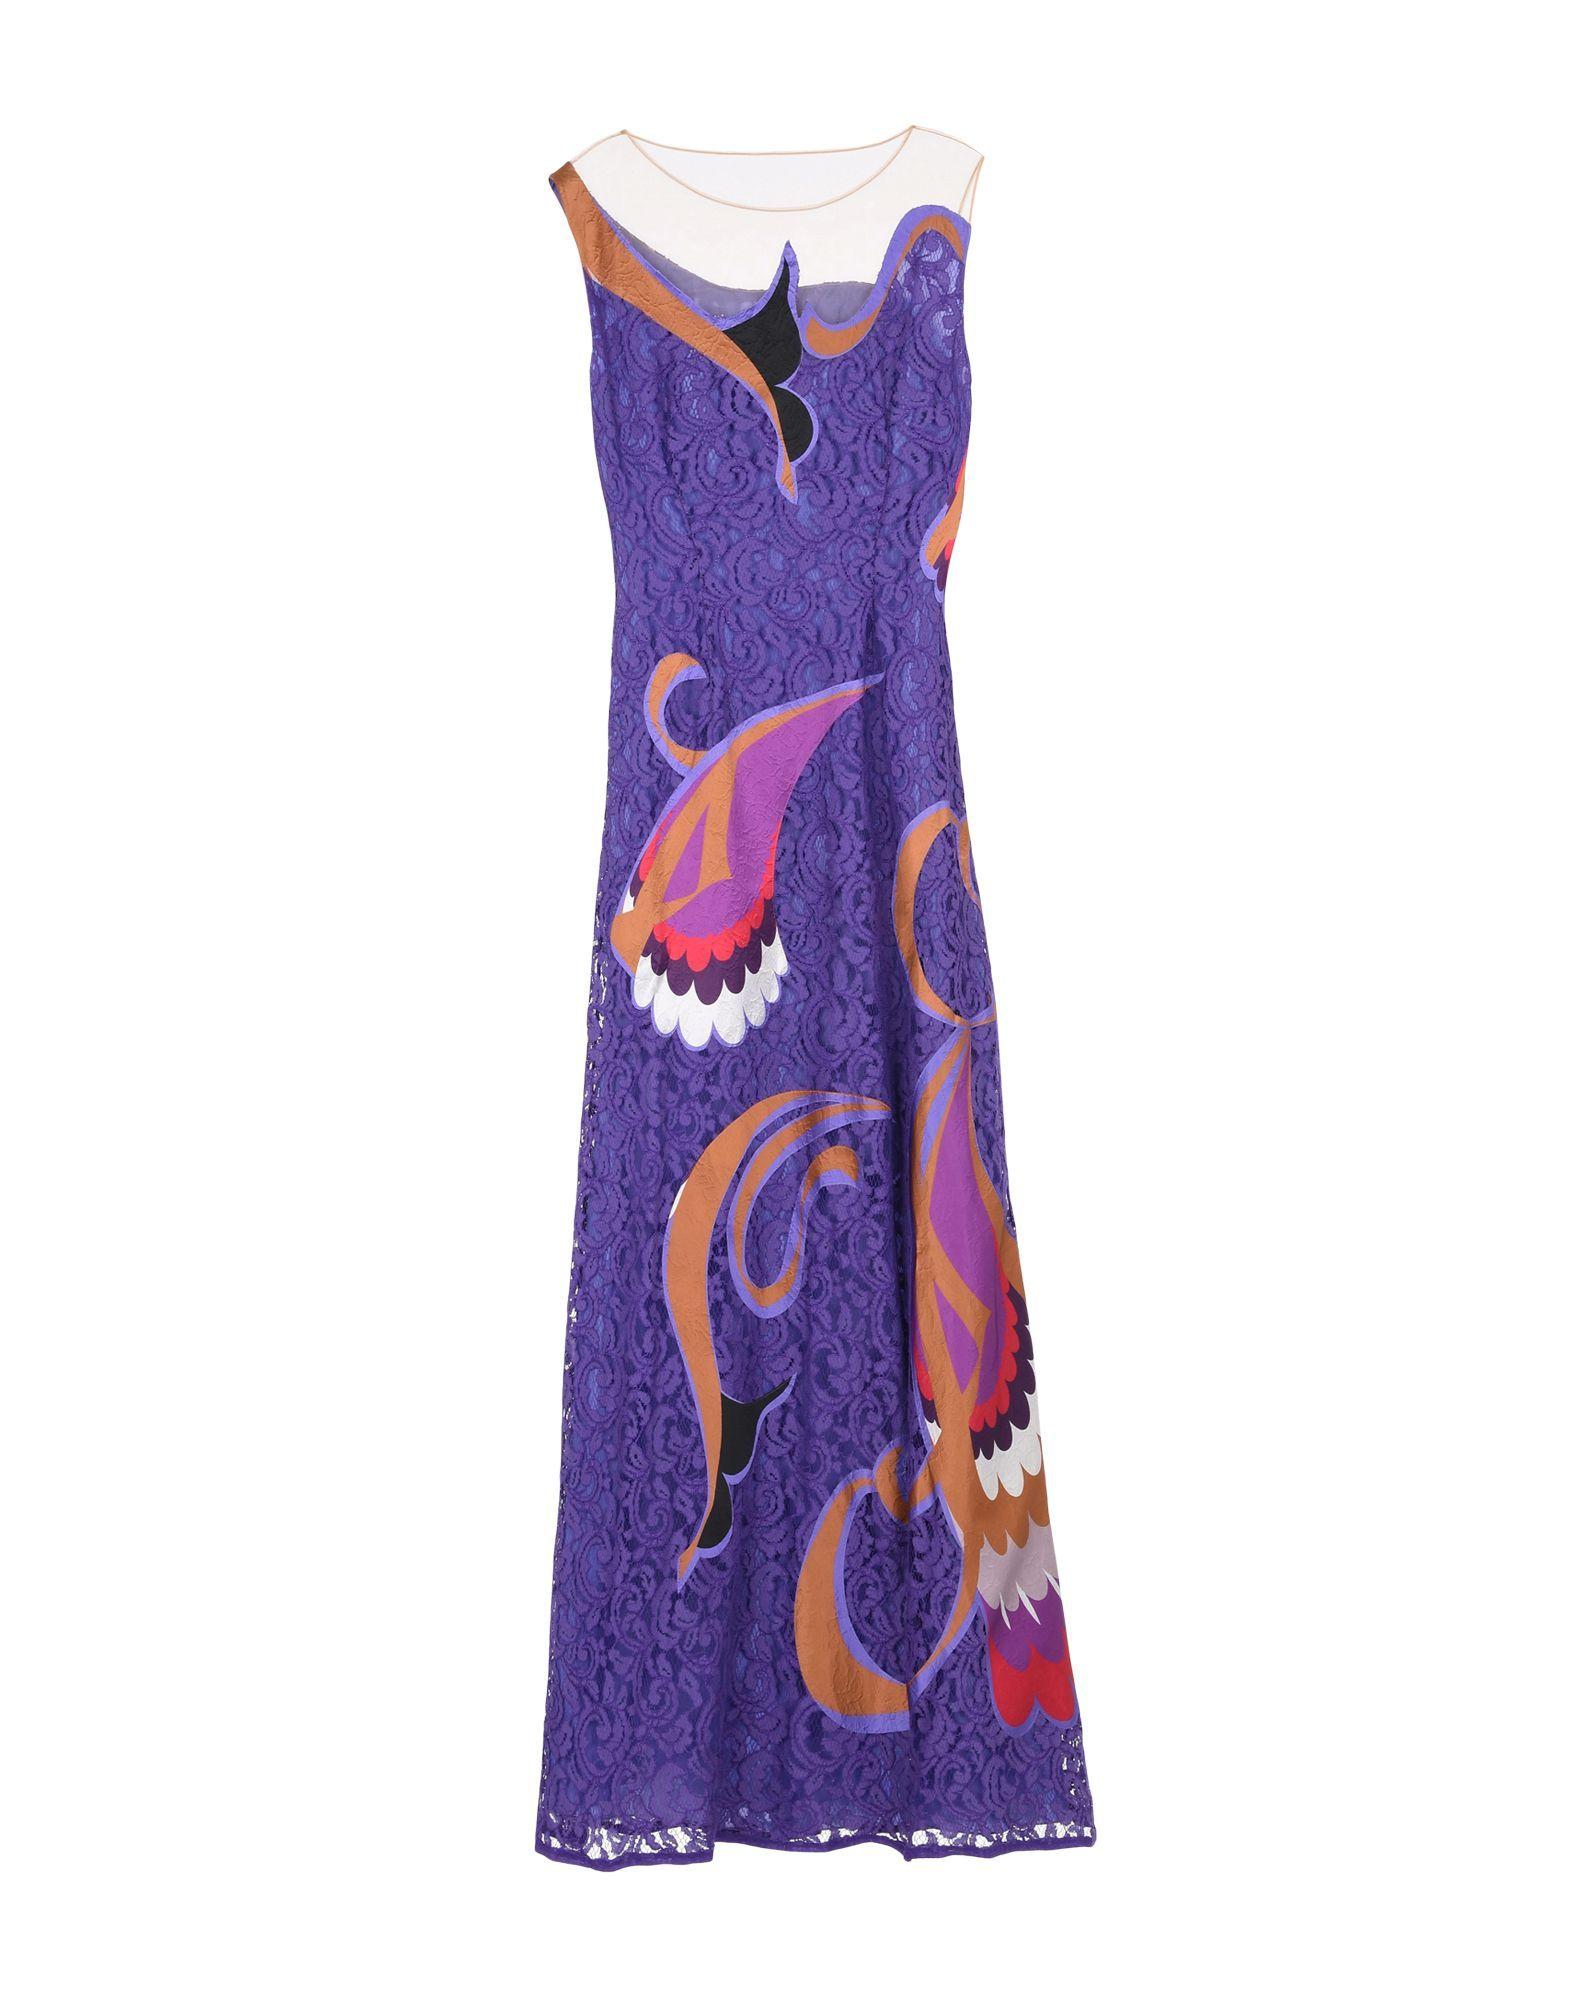 Alberta Ferretti Purple Pattern Tulle And Lace Sleeveless Dress